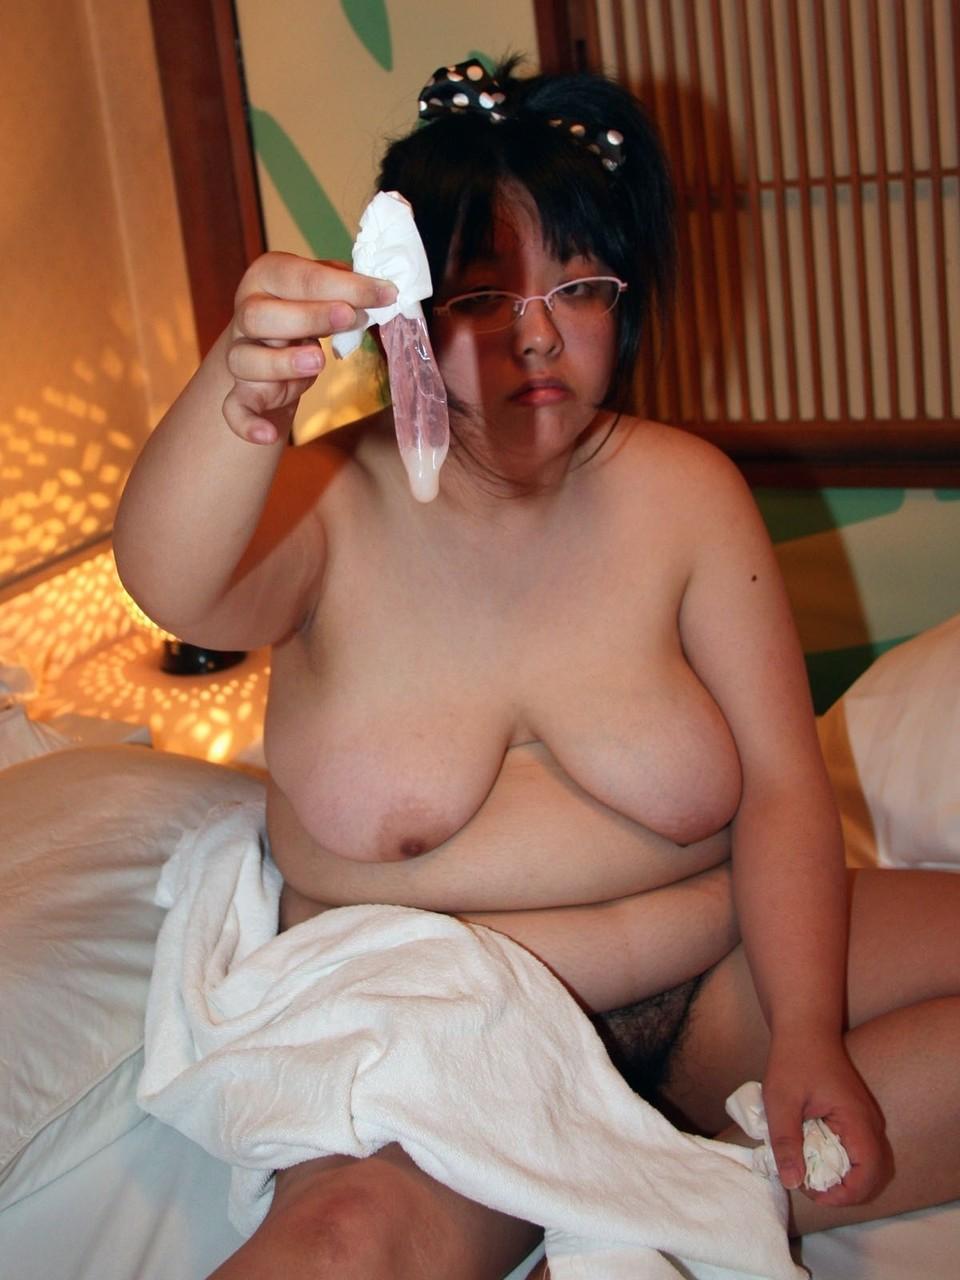 【素人熟女】エロ画像をどんどん集めろ!その145 [無断転載禁止]©bbspink.comxvideo>1本 ->画像>822枚